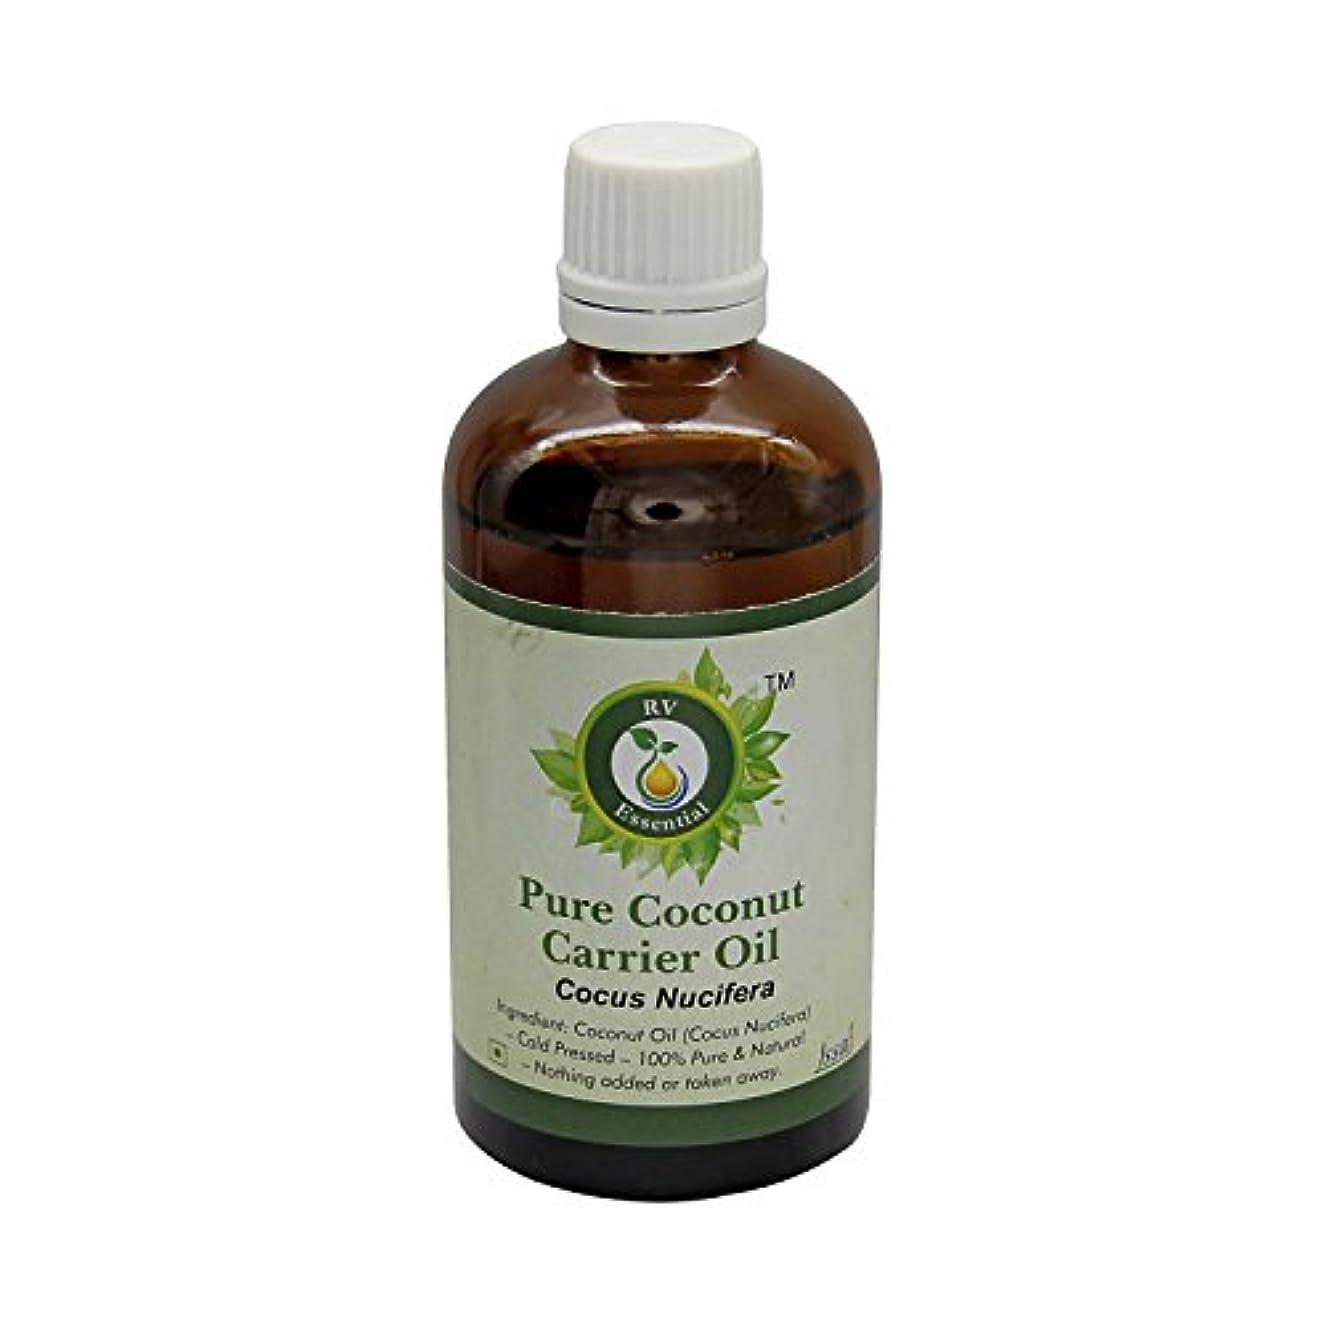 バイオレット呼び出すバイナリR V Essential 純粋なココナッツキャリアオイル50ml (1.69oz)- Cocus Nucifera (100%ピュア&ナチュラルコールドPressed) Pure Coconut Carrier Oil